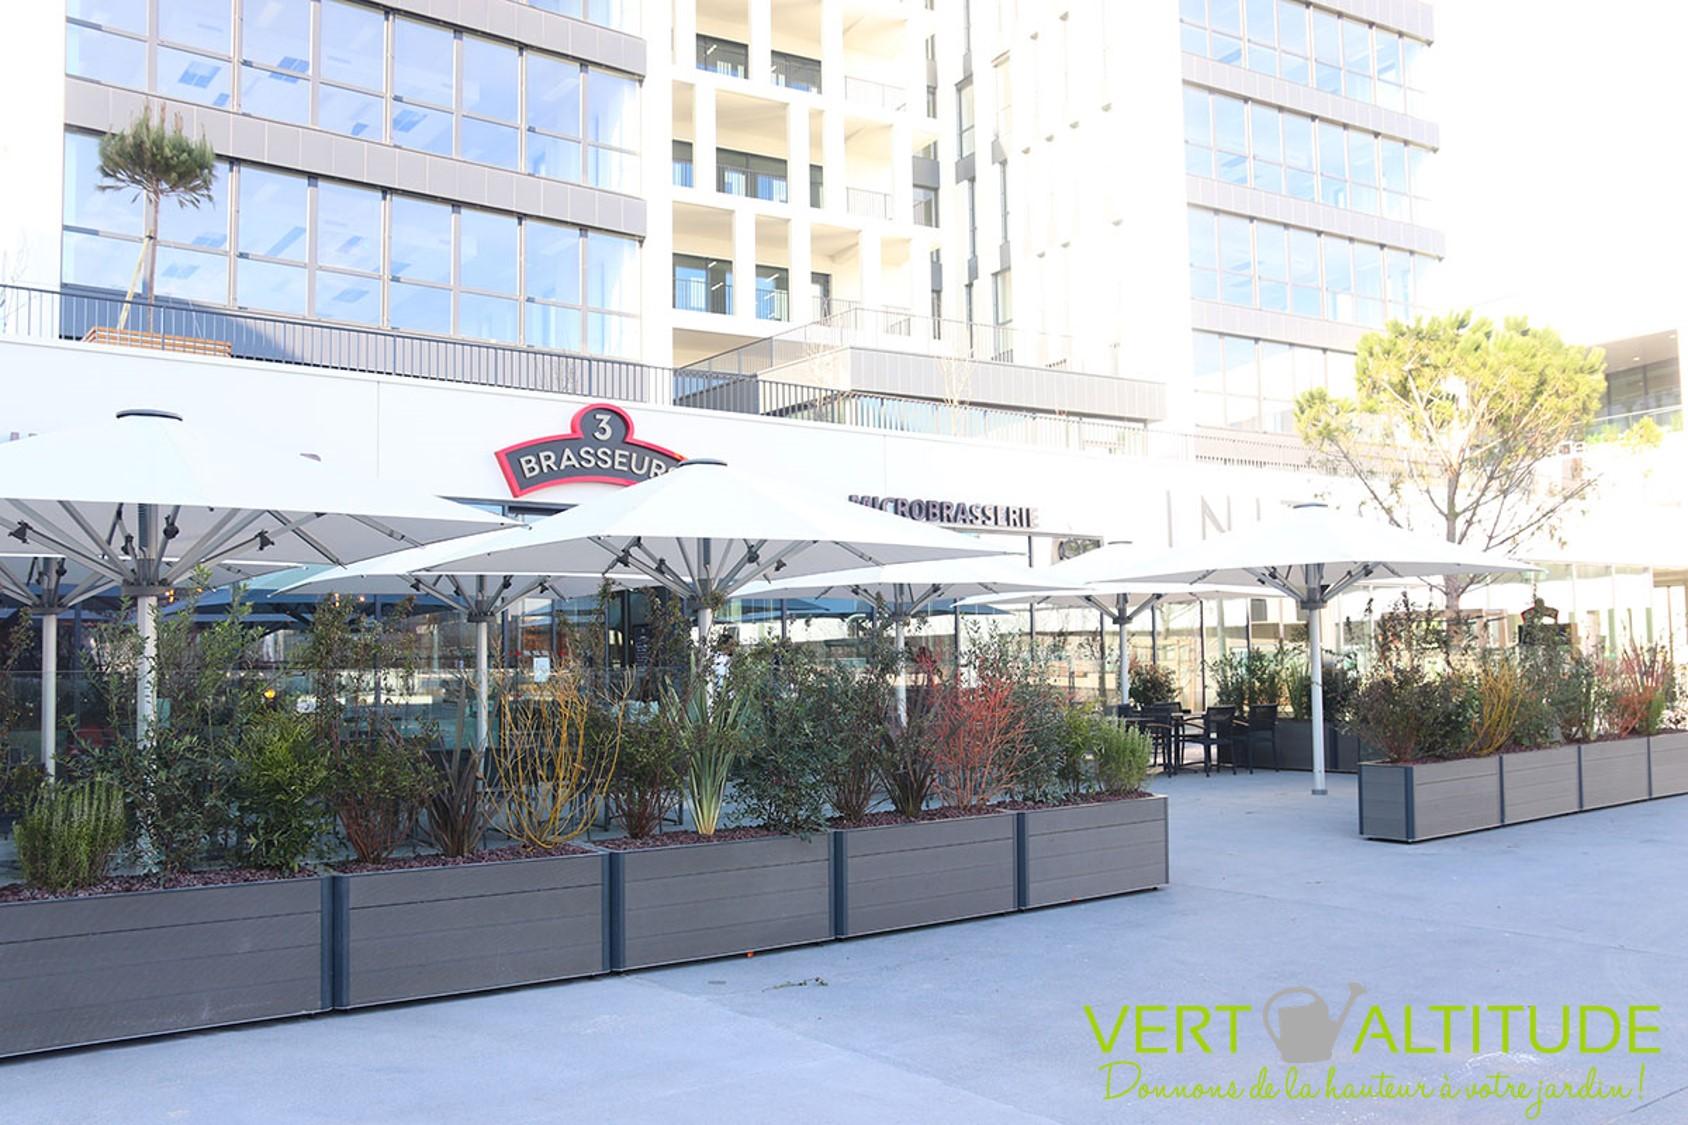 terrasse végétalisée pour un restaurant 3 brasseurs à Lyon Grand Parilly